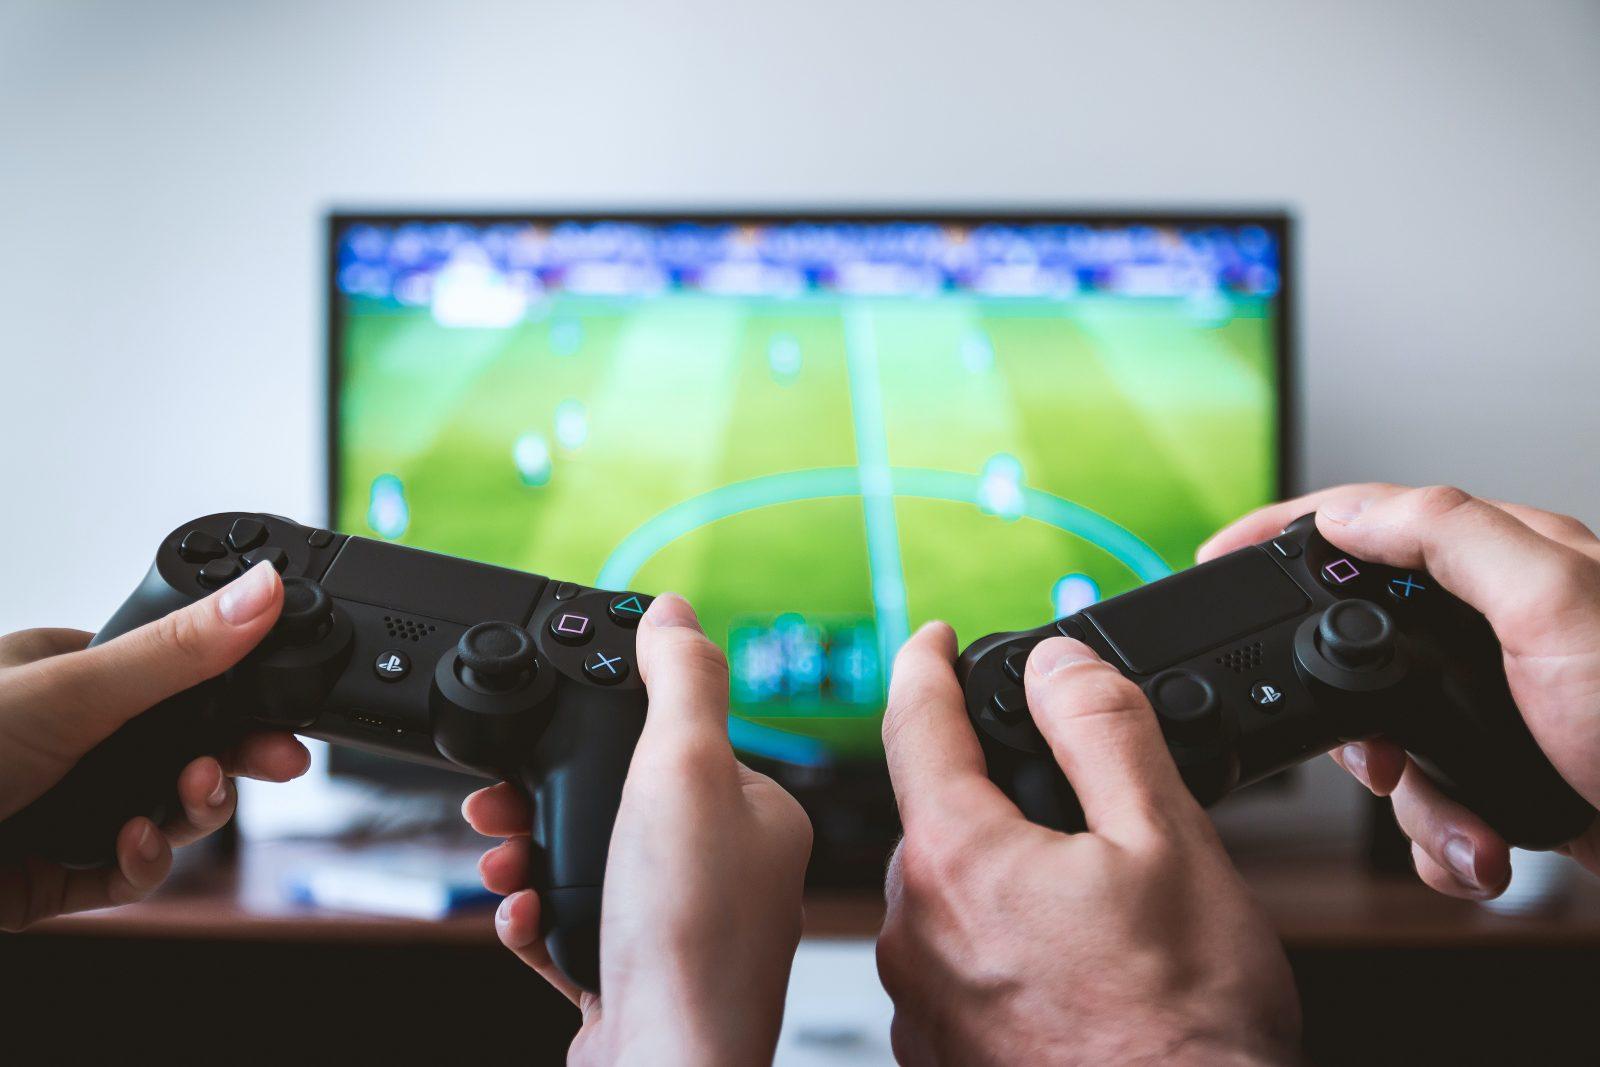 Kahta pelikonsolin ohjainta pidetään käsillä kiinni television edessä.